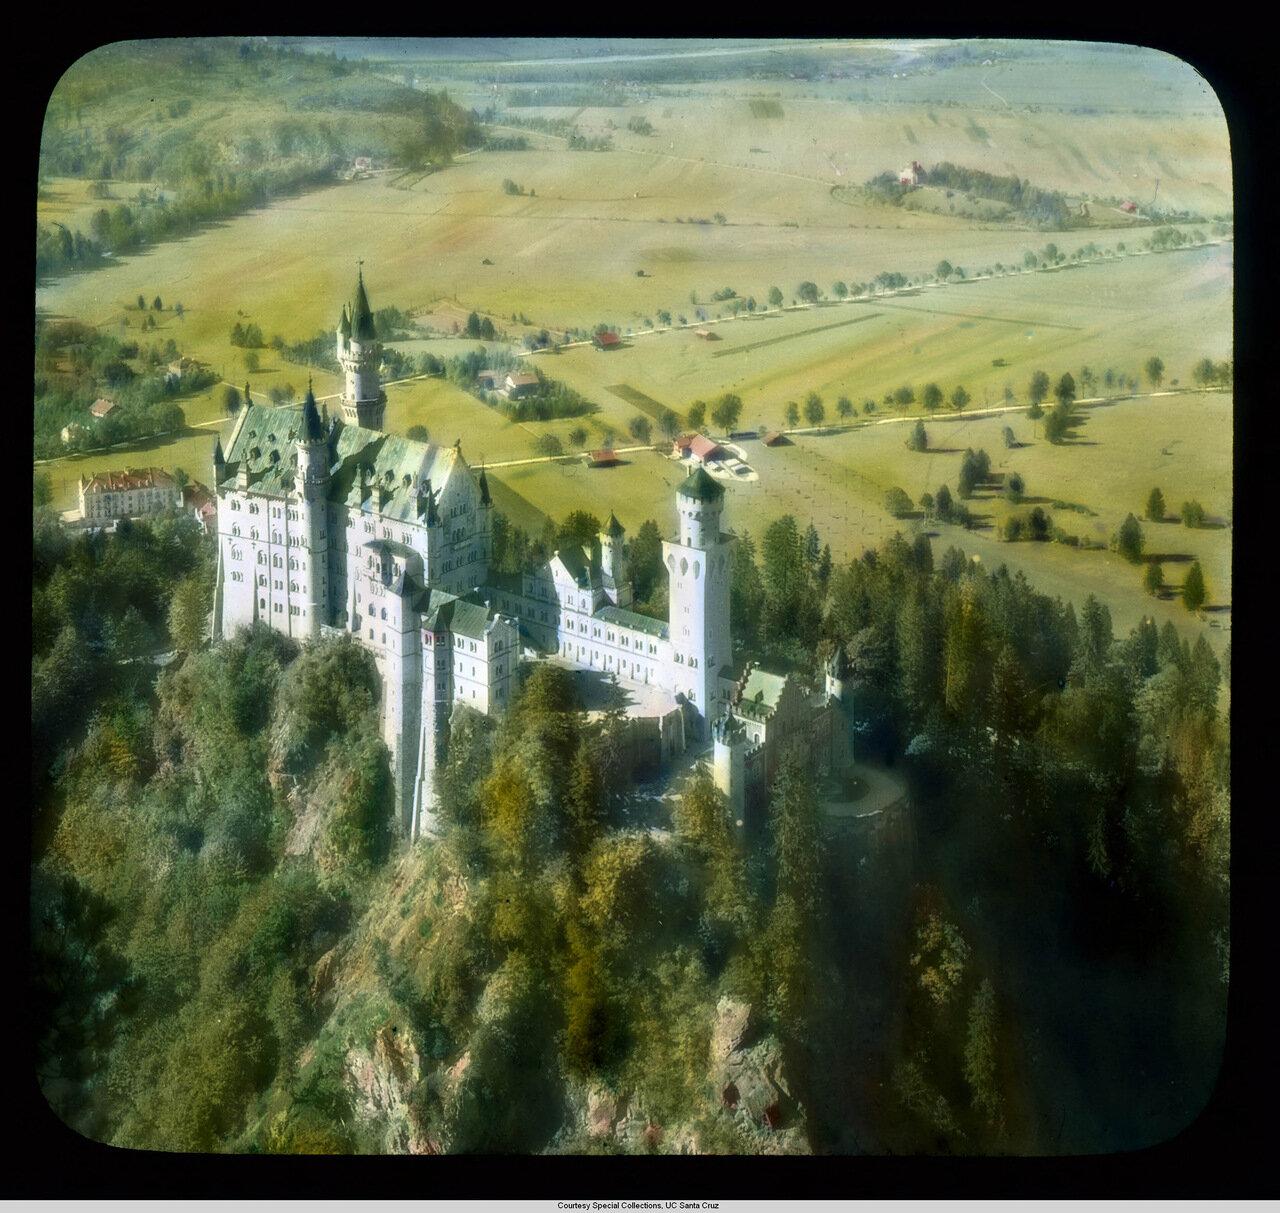 Бавария. Дворец Нойшванштайн и близлежащие фермы